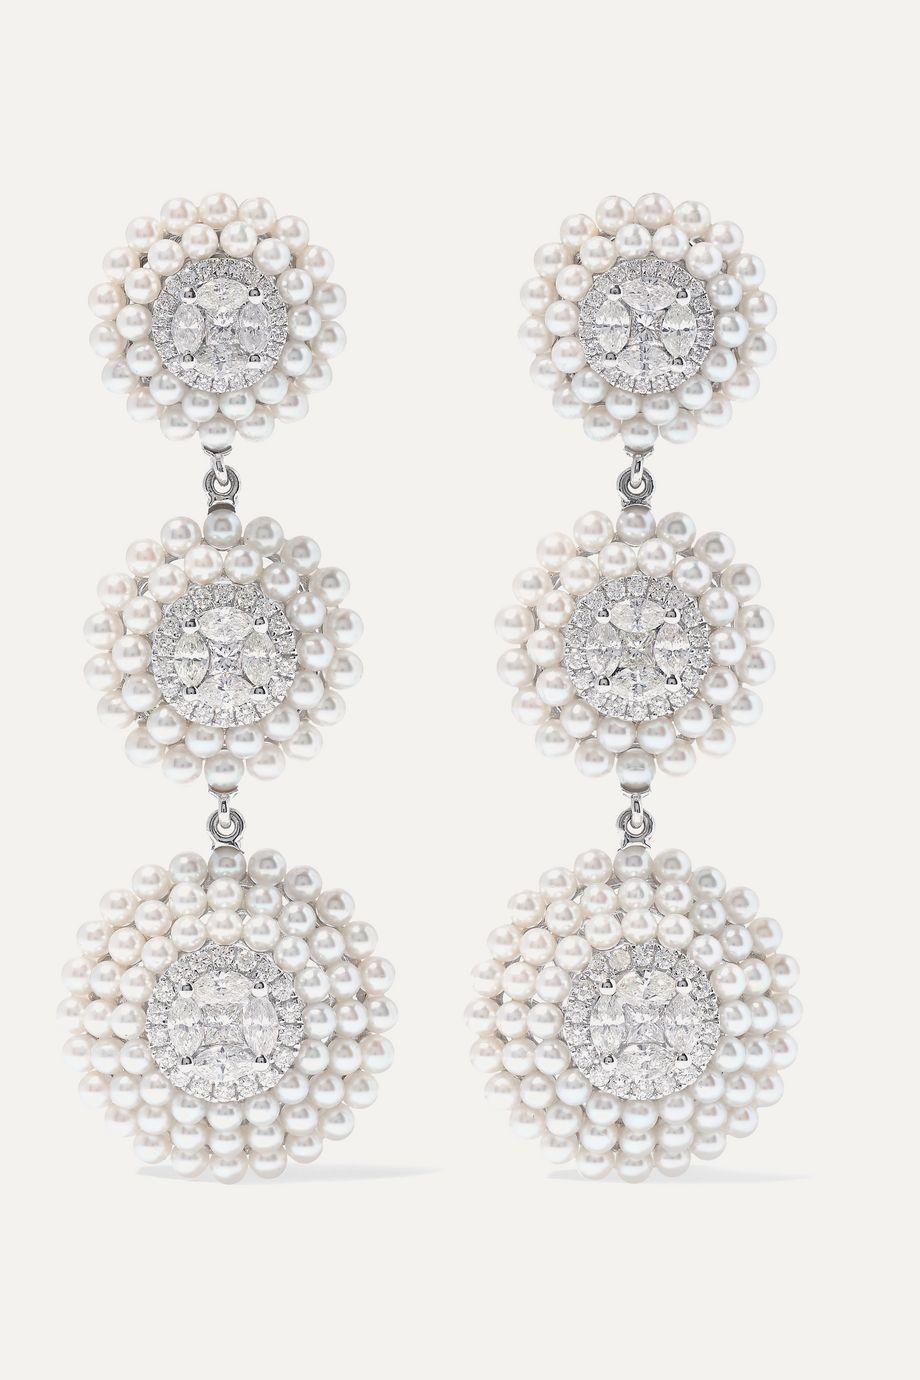 Amrapali Ohrringe aus 18 Karat Weißgold mit Perlen und Diamanten